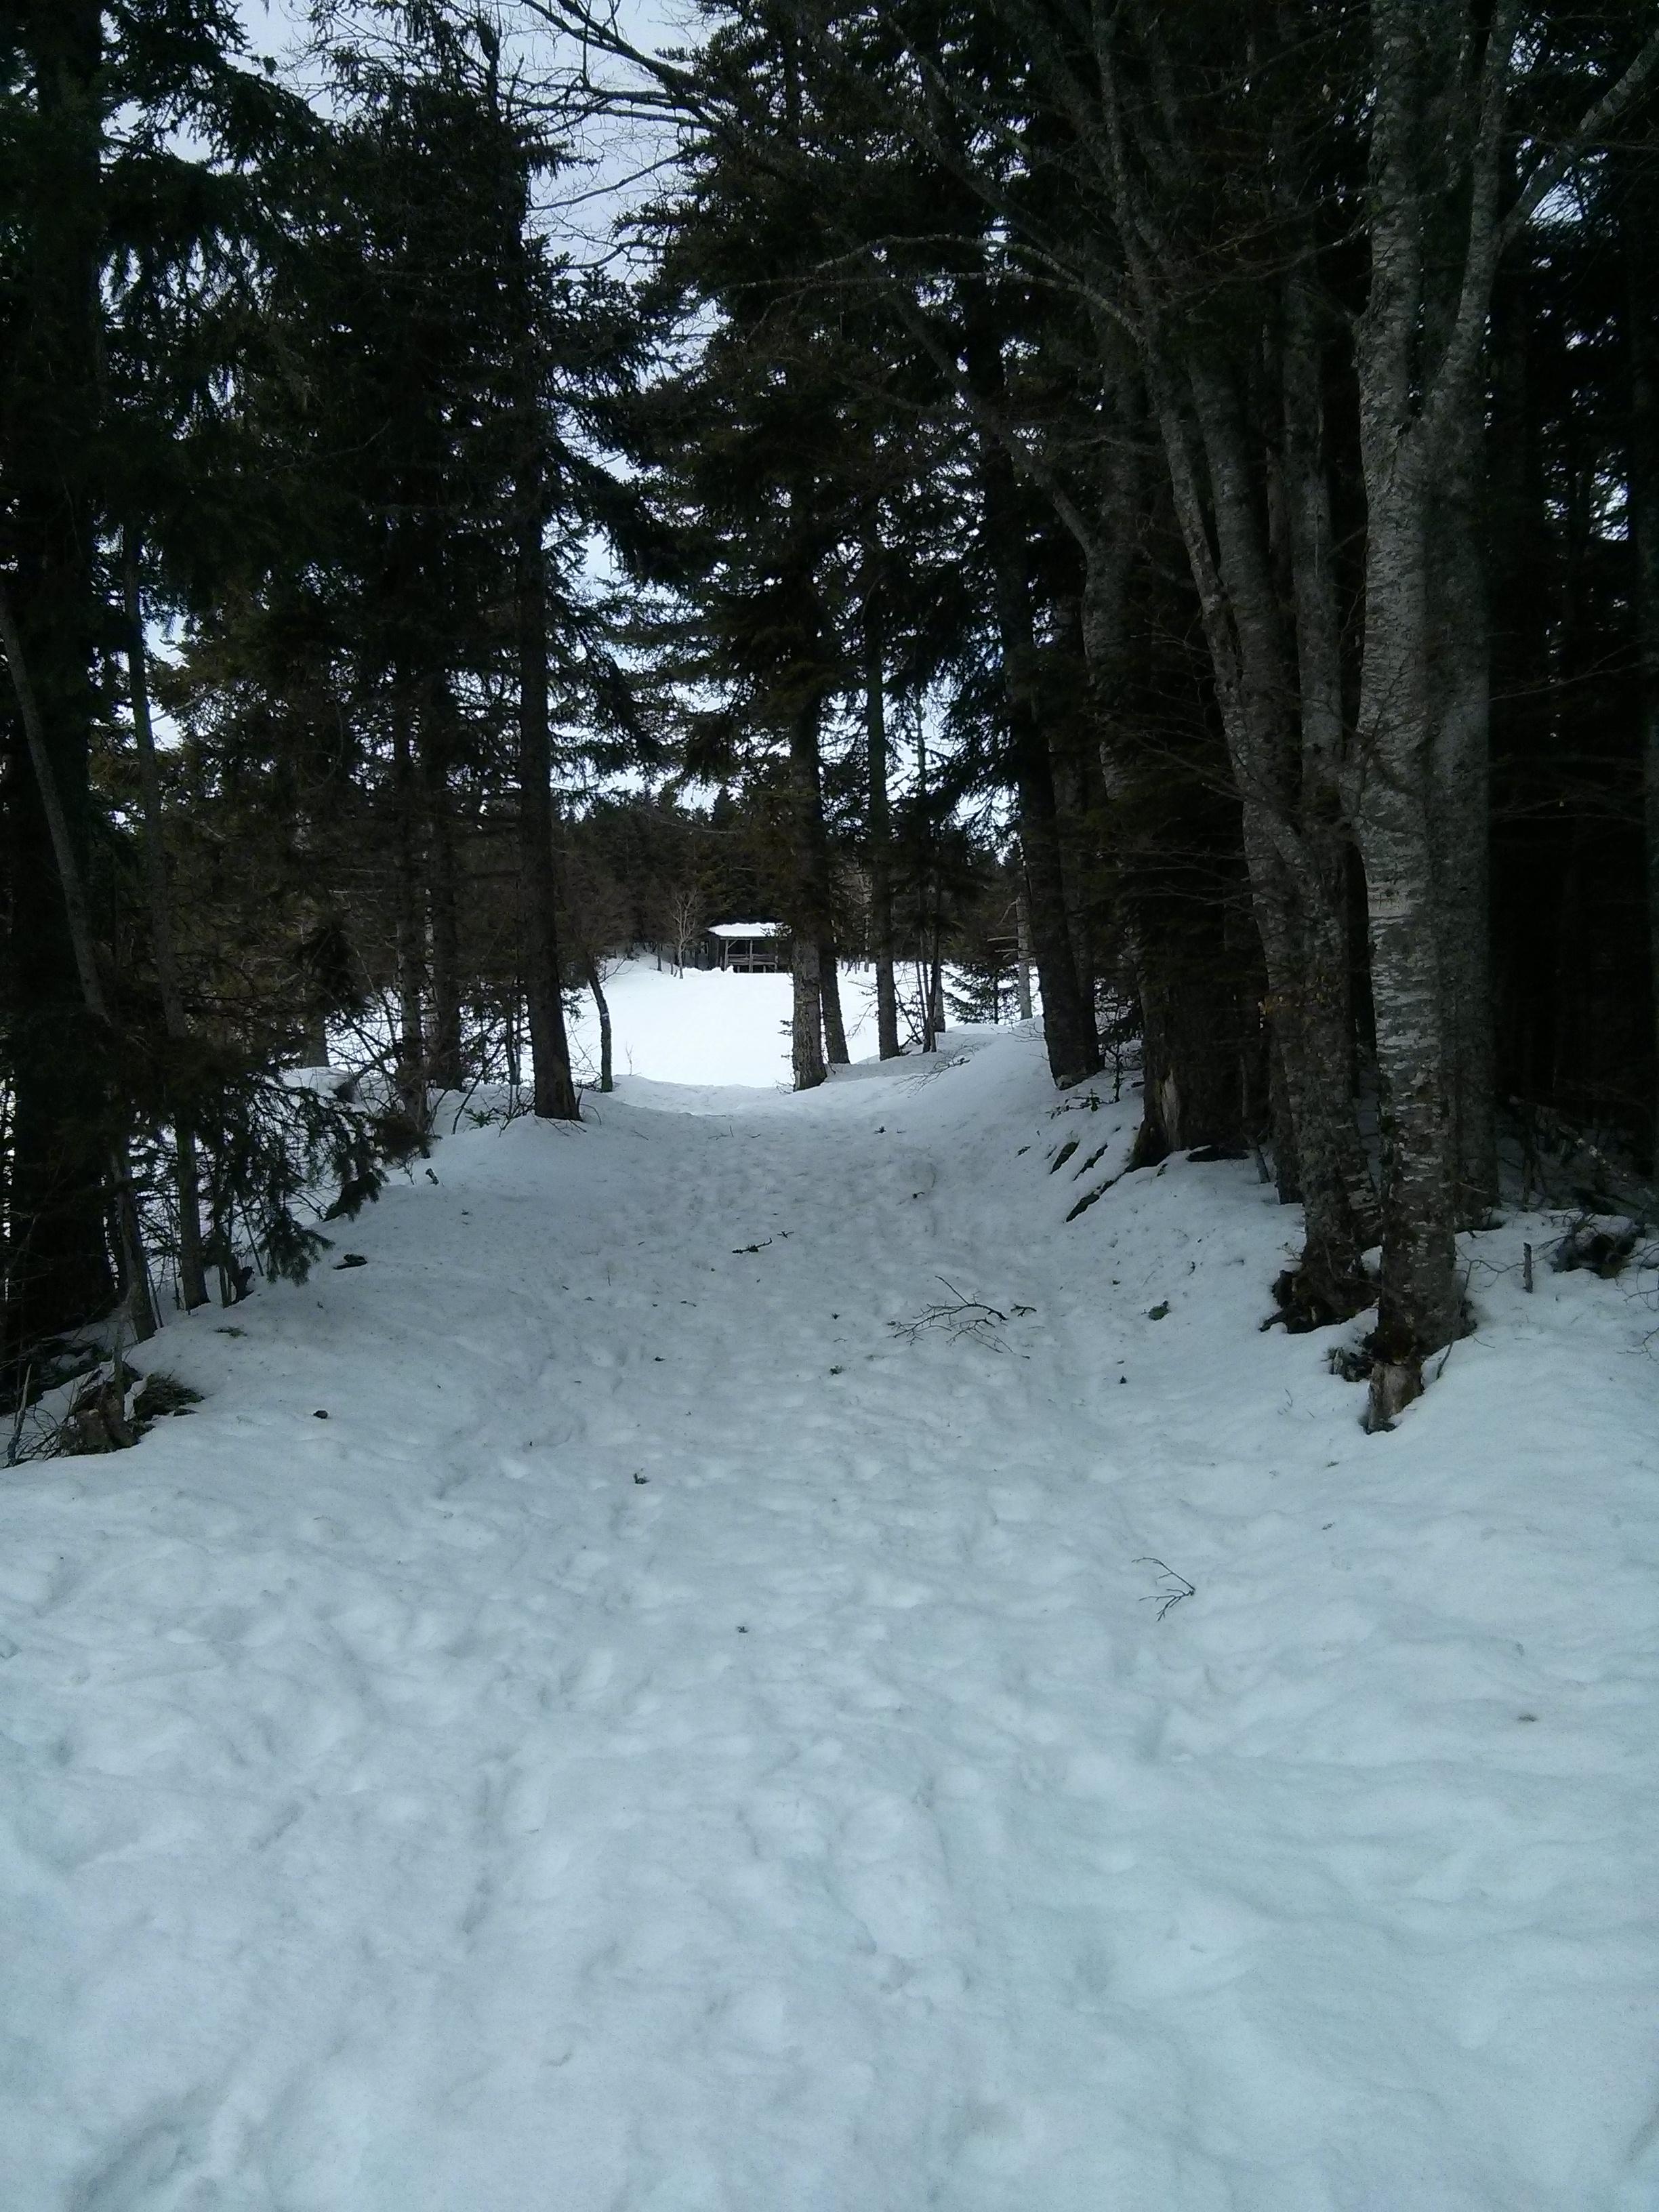 On marche entre les arbres, en direction d'un grand espace et du fameux igloo